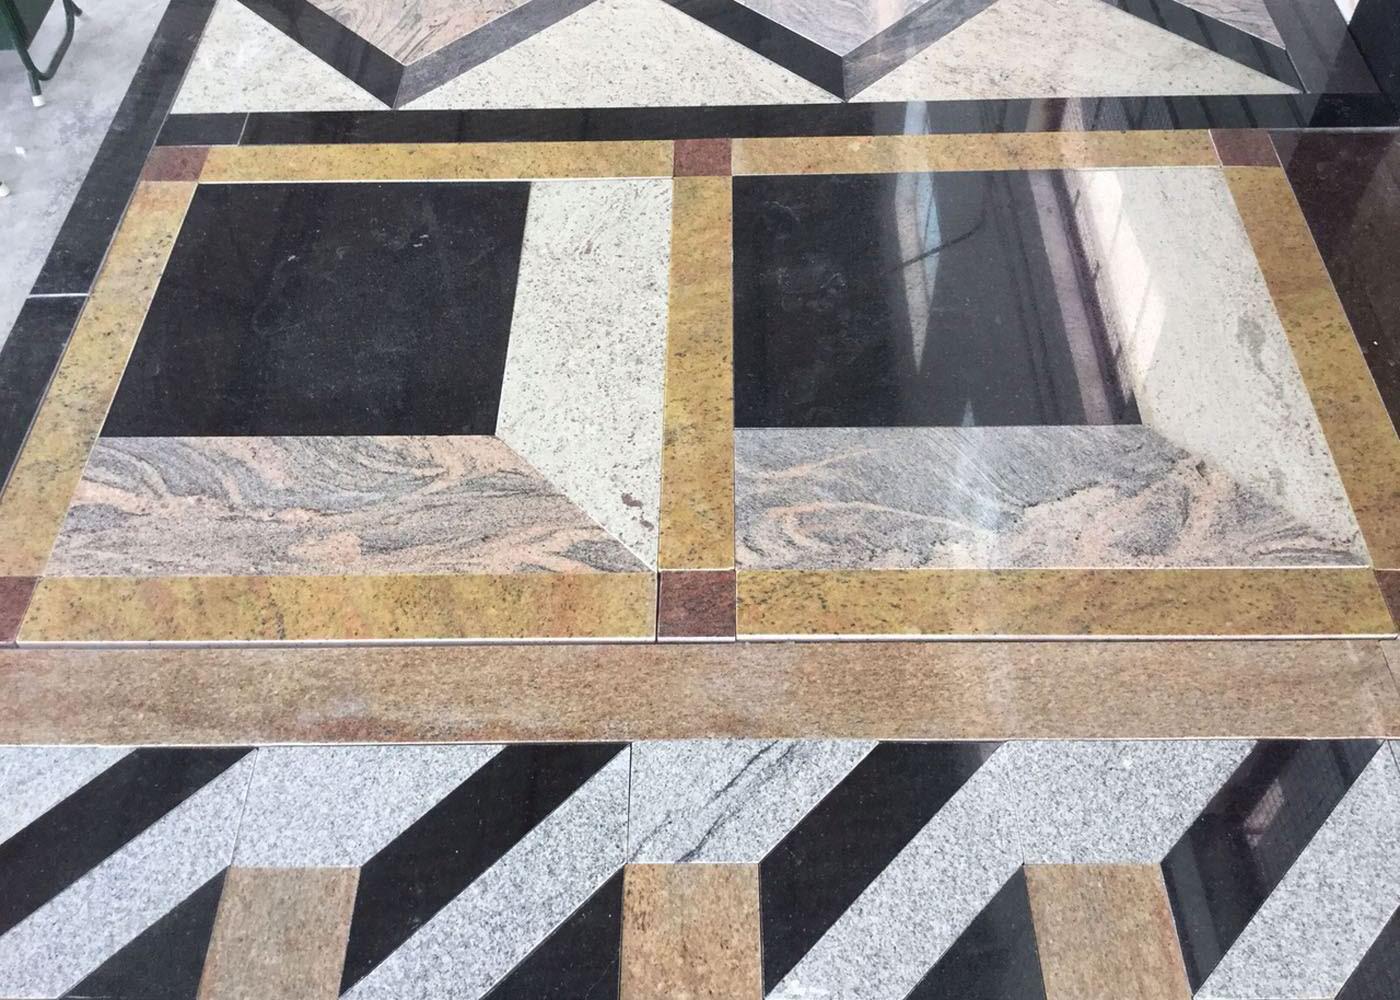 Floor Granites Designs - Modern House